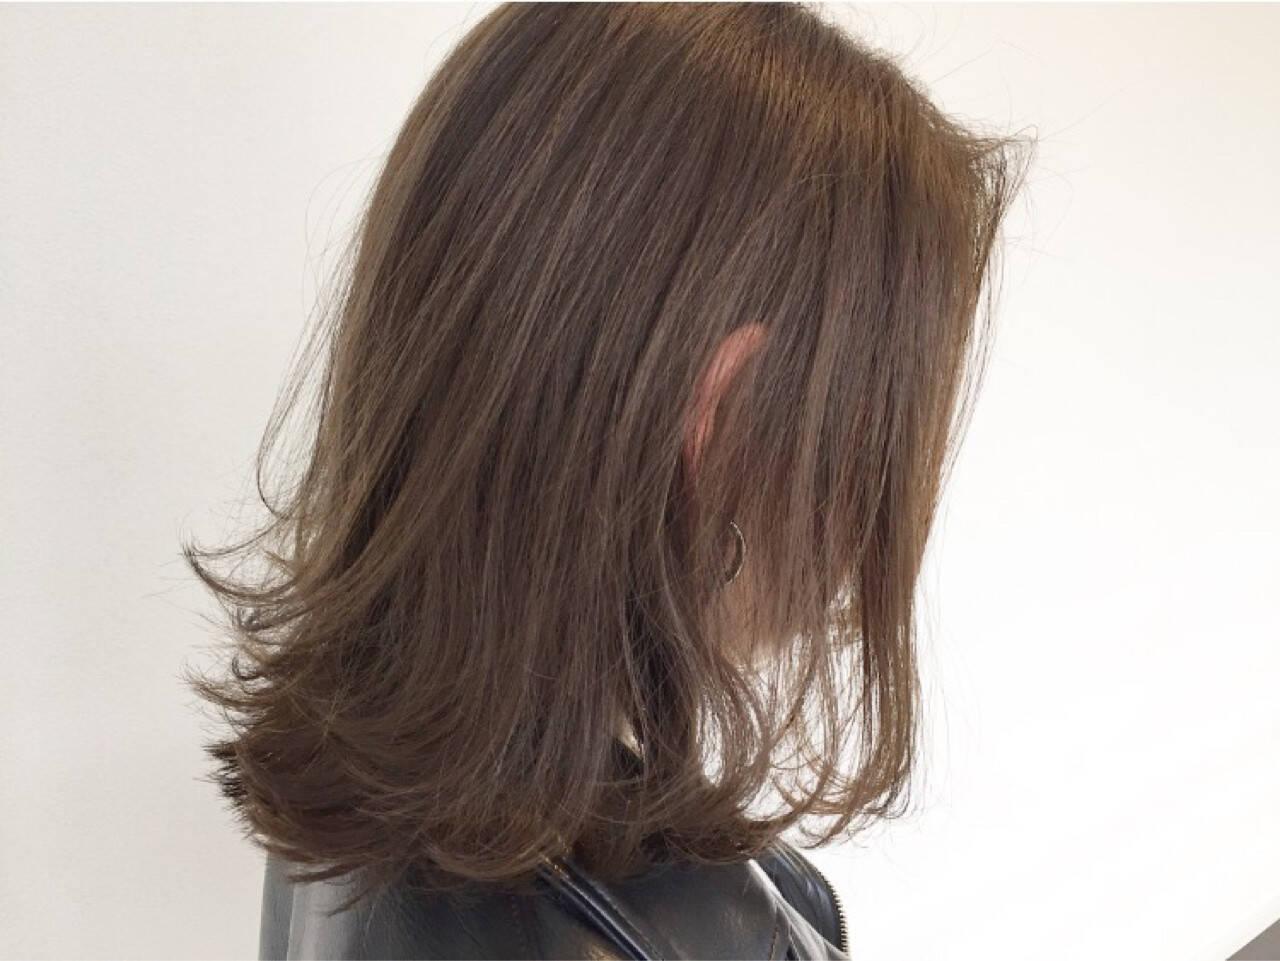 アッシュ 外ハネ ナチュラル 抜け感ヘアスタイルや髪型の写真・画像